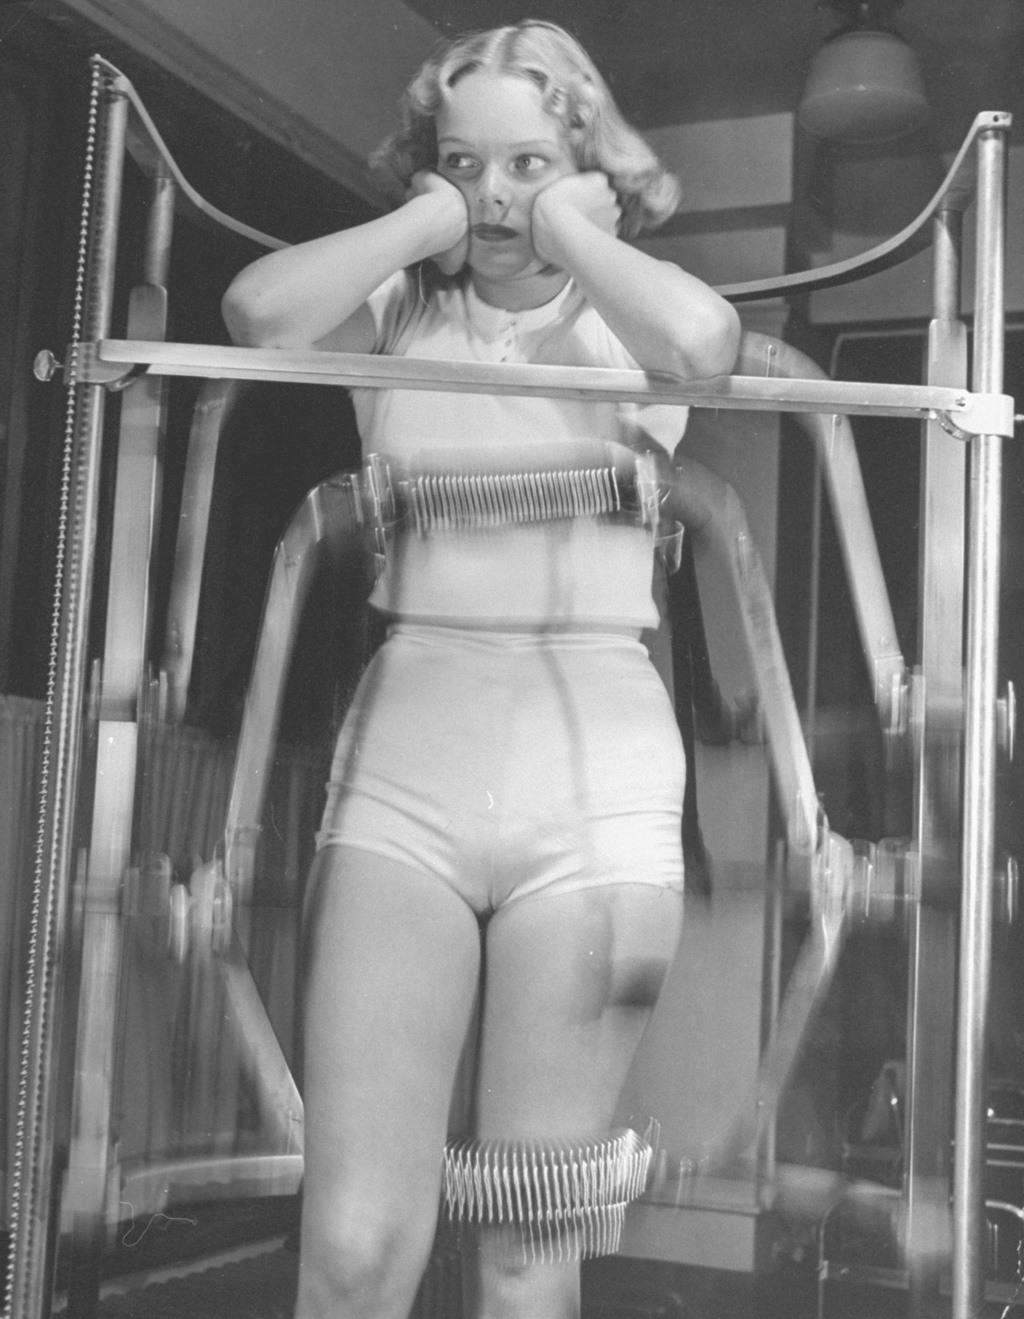 (سليندو ماشين) في عام 1940. صورة: Alfred Eisenstaedt/Getty Images